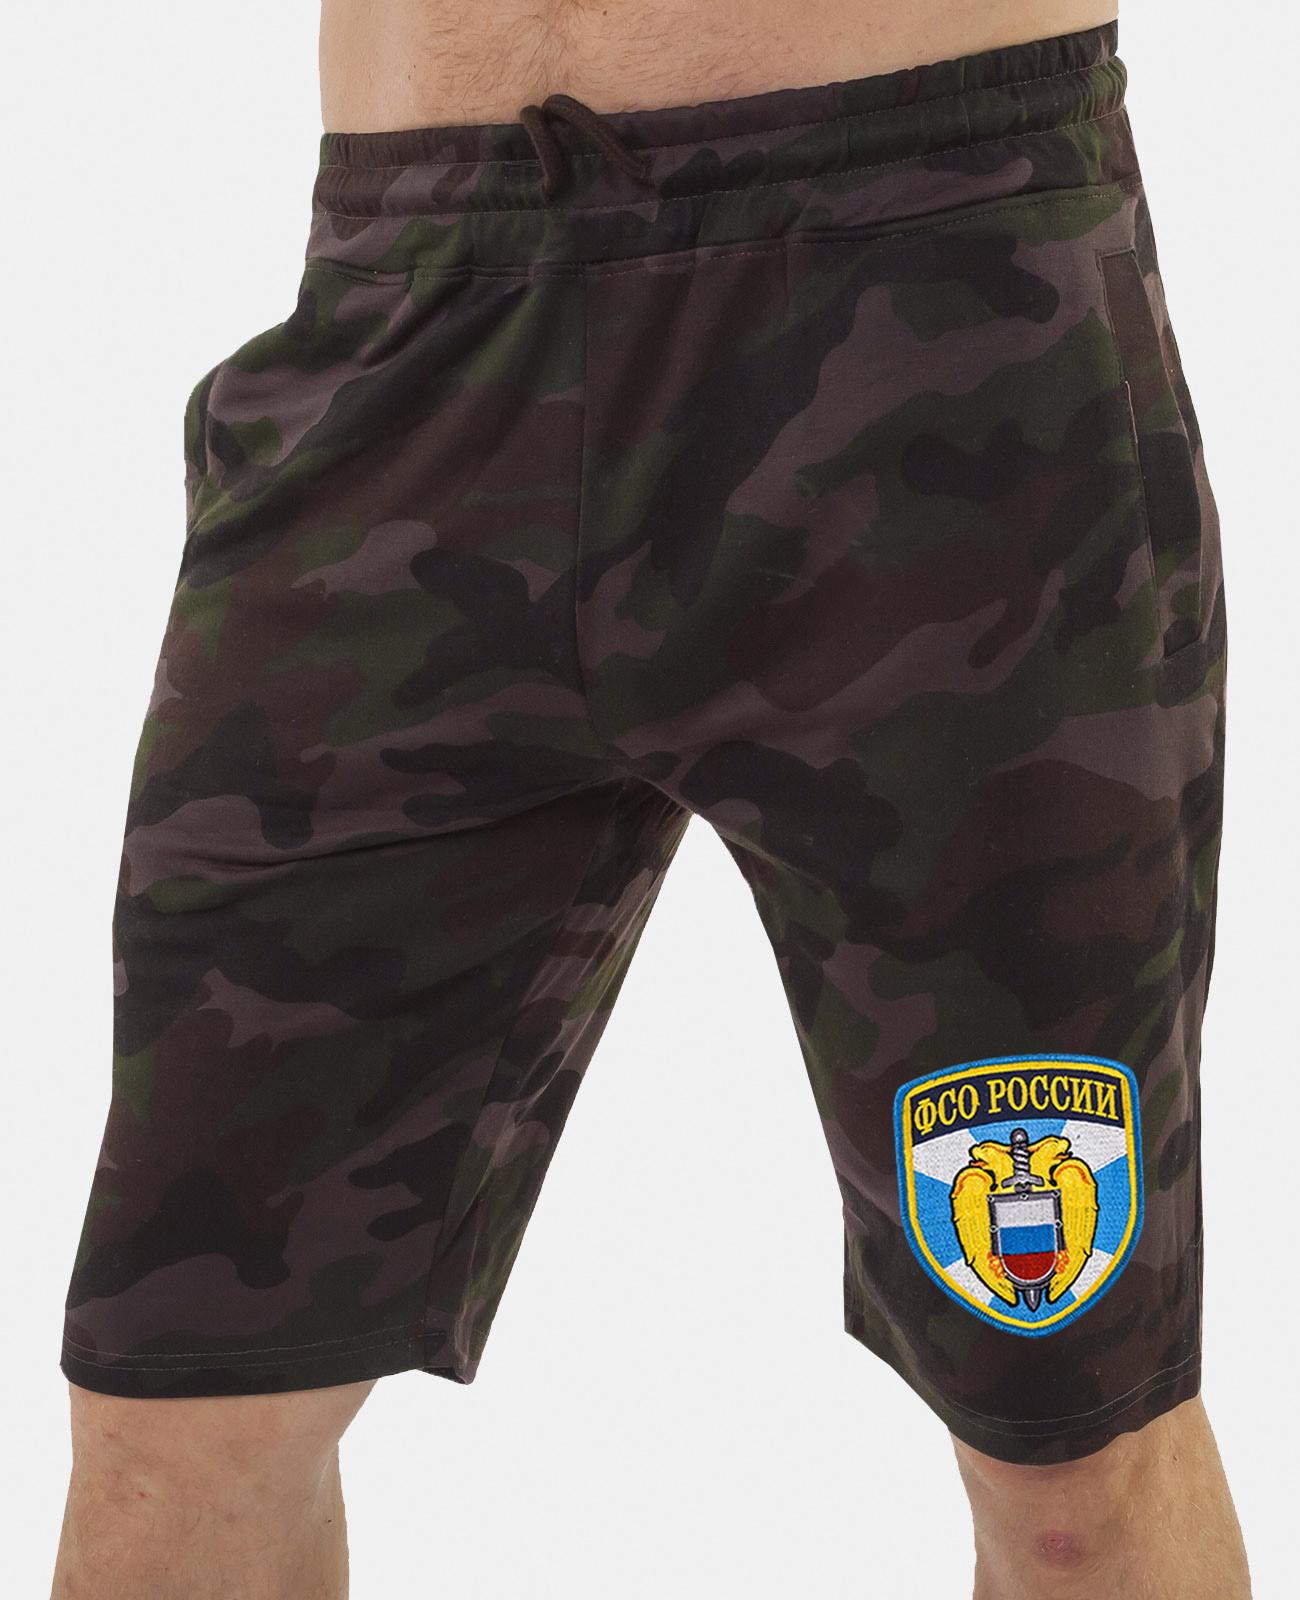 Купить темные крутые шорты с нашивкой ФСО онлайн в подарок